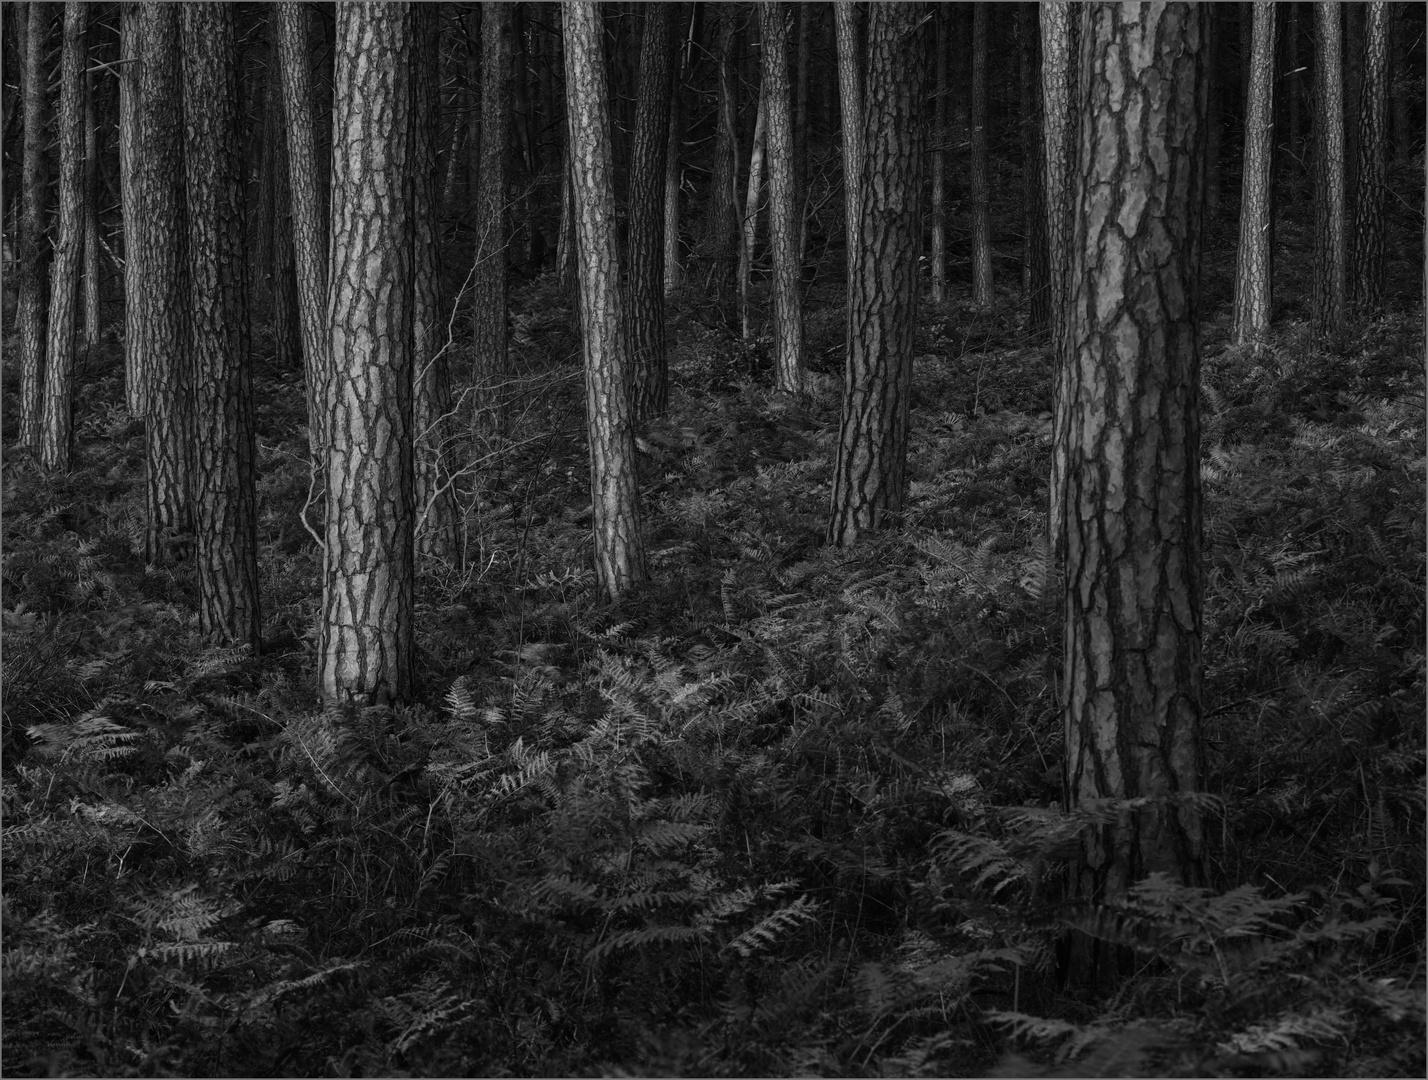 Kiefernwald am Weststrand von Prerow